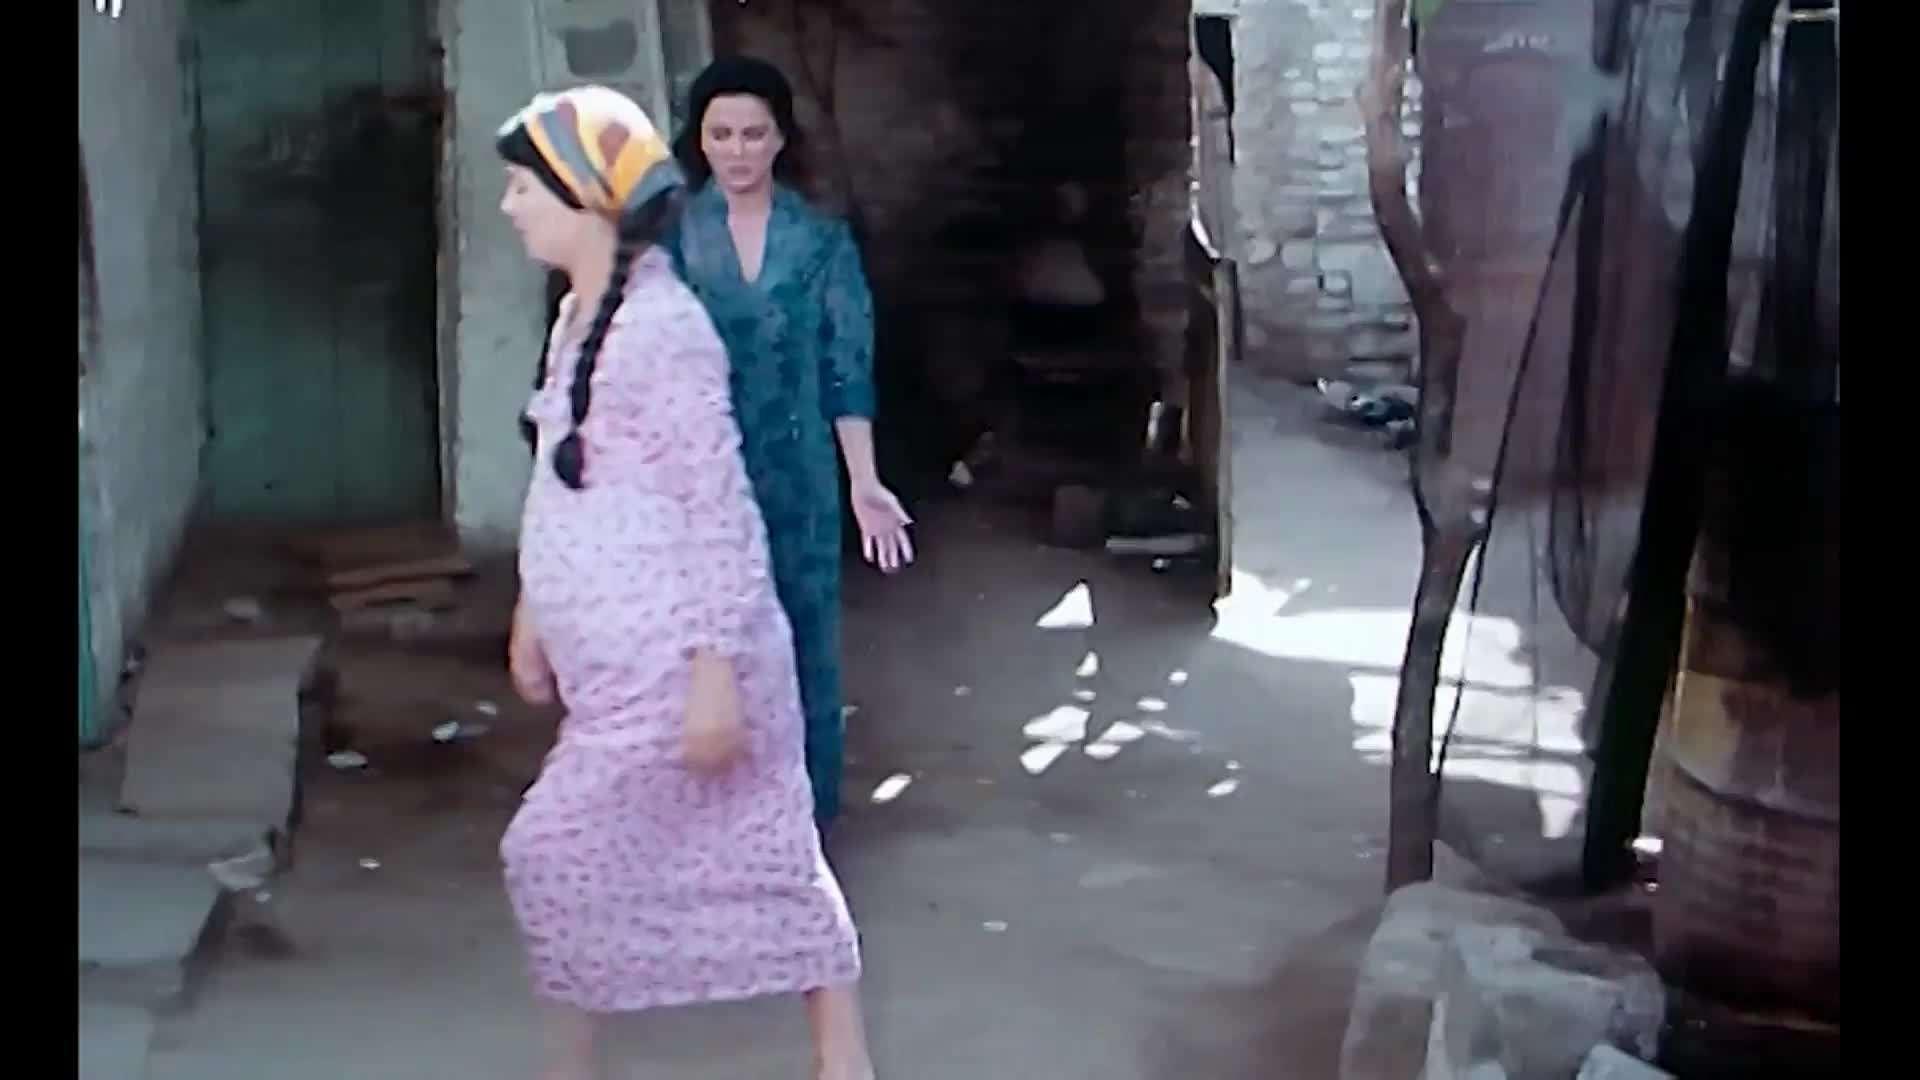 [فيلم][تورنت][تحميل][أحلام هند وكاميليا][1988][1080p][Web-DL] 9 arabp2p.com